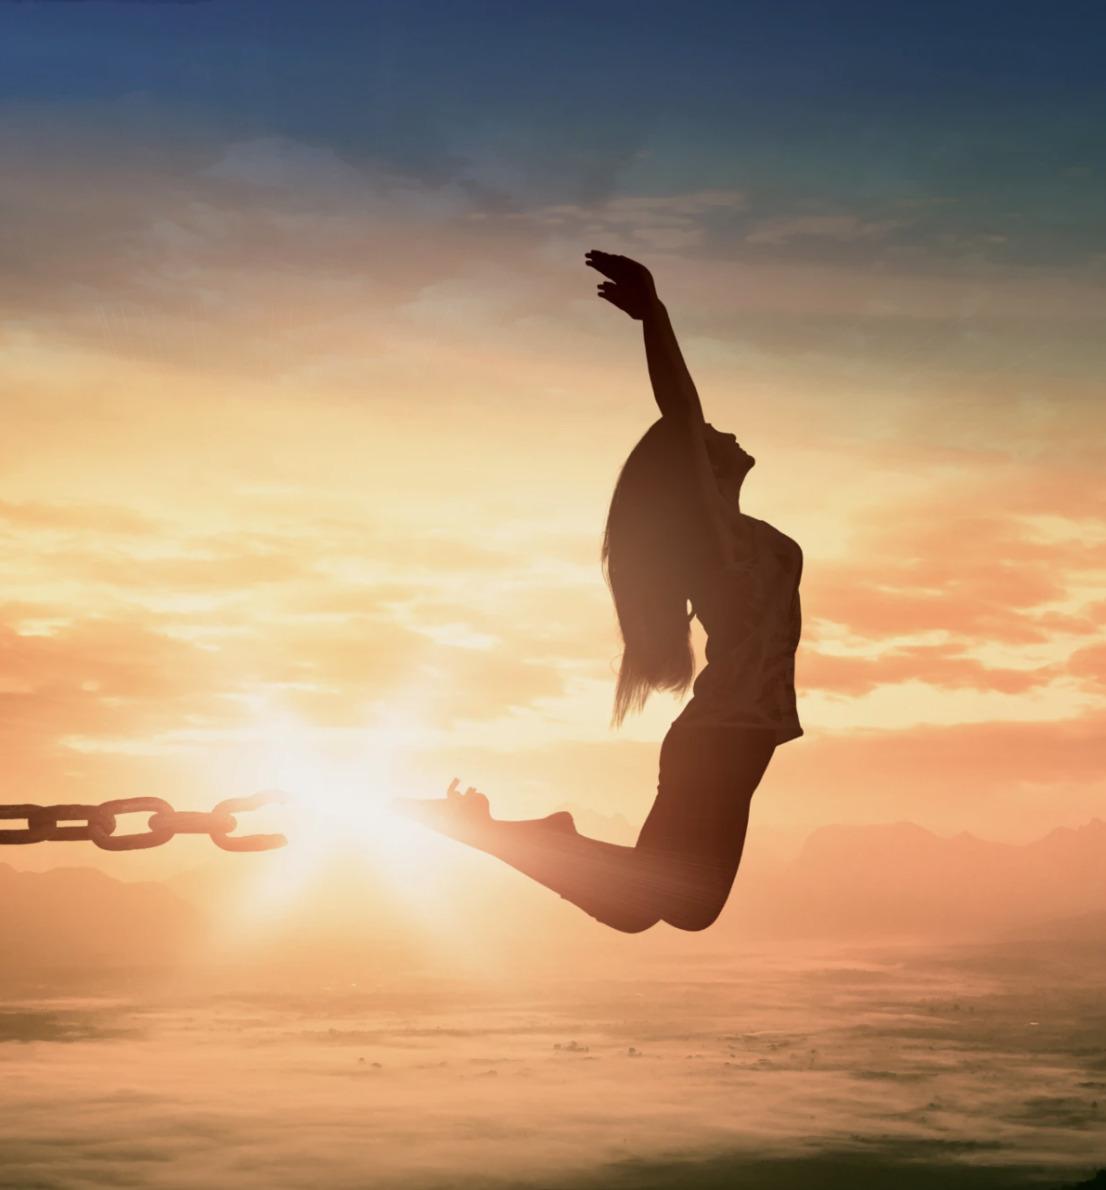 THINK House - Felsefenin Gücü İle Kendini Yaşama, Var Olma ve Başarma Cesareti